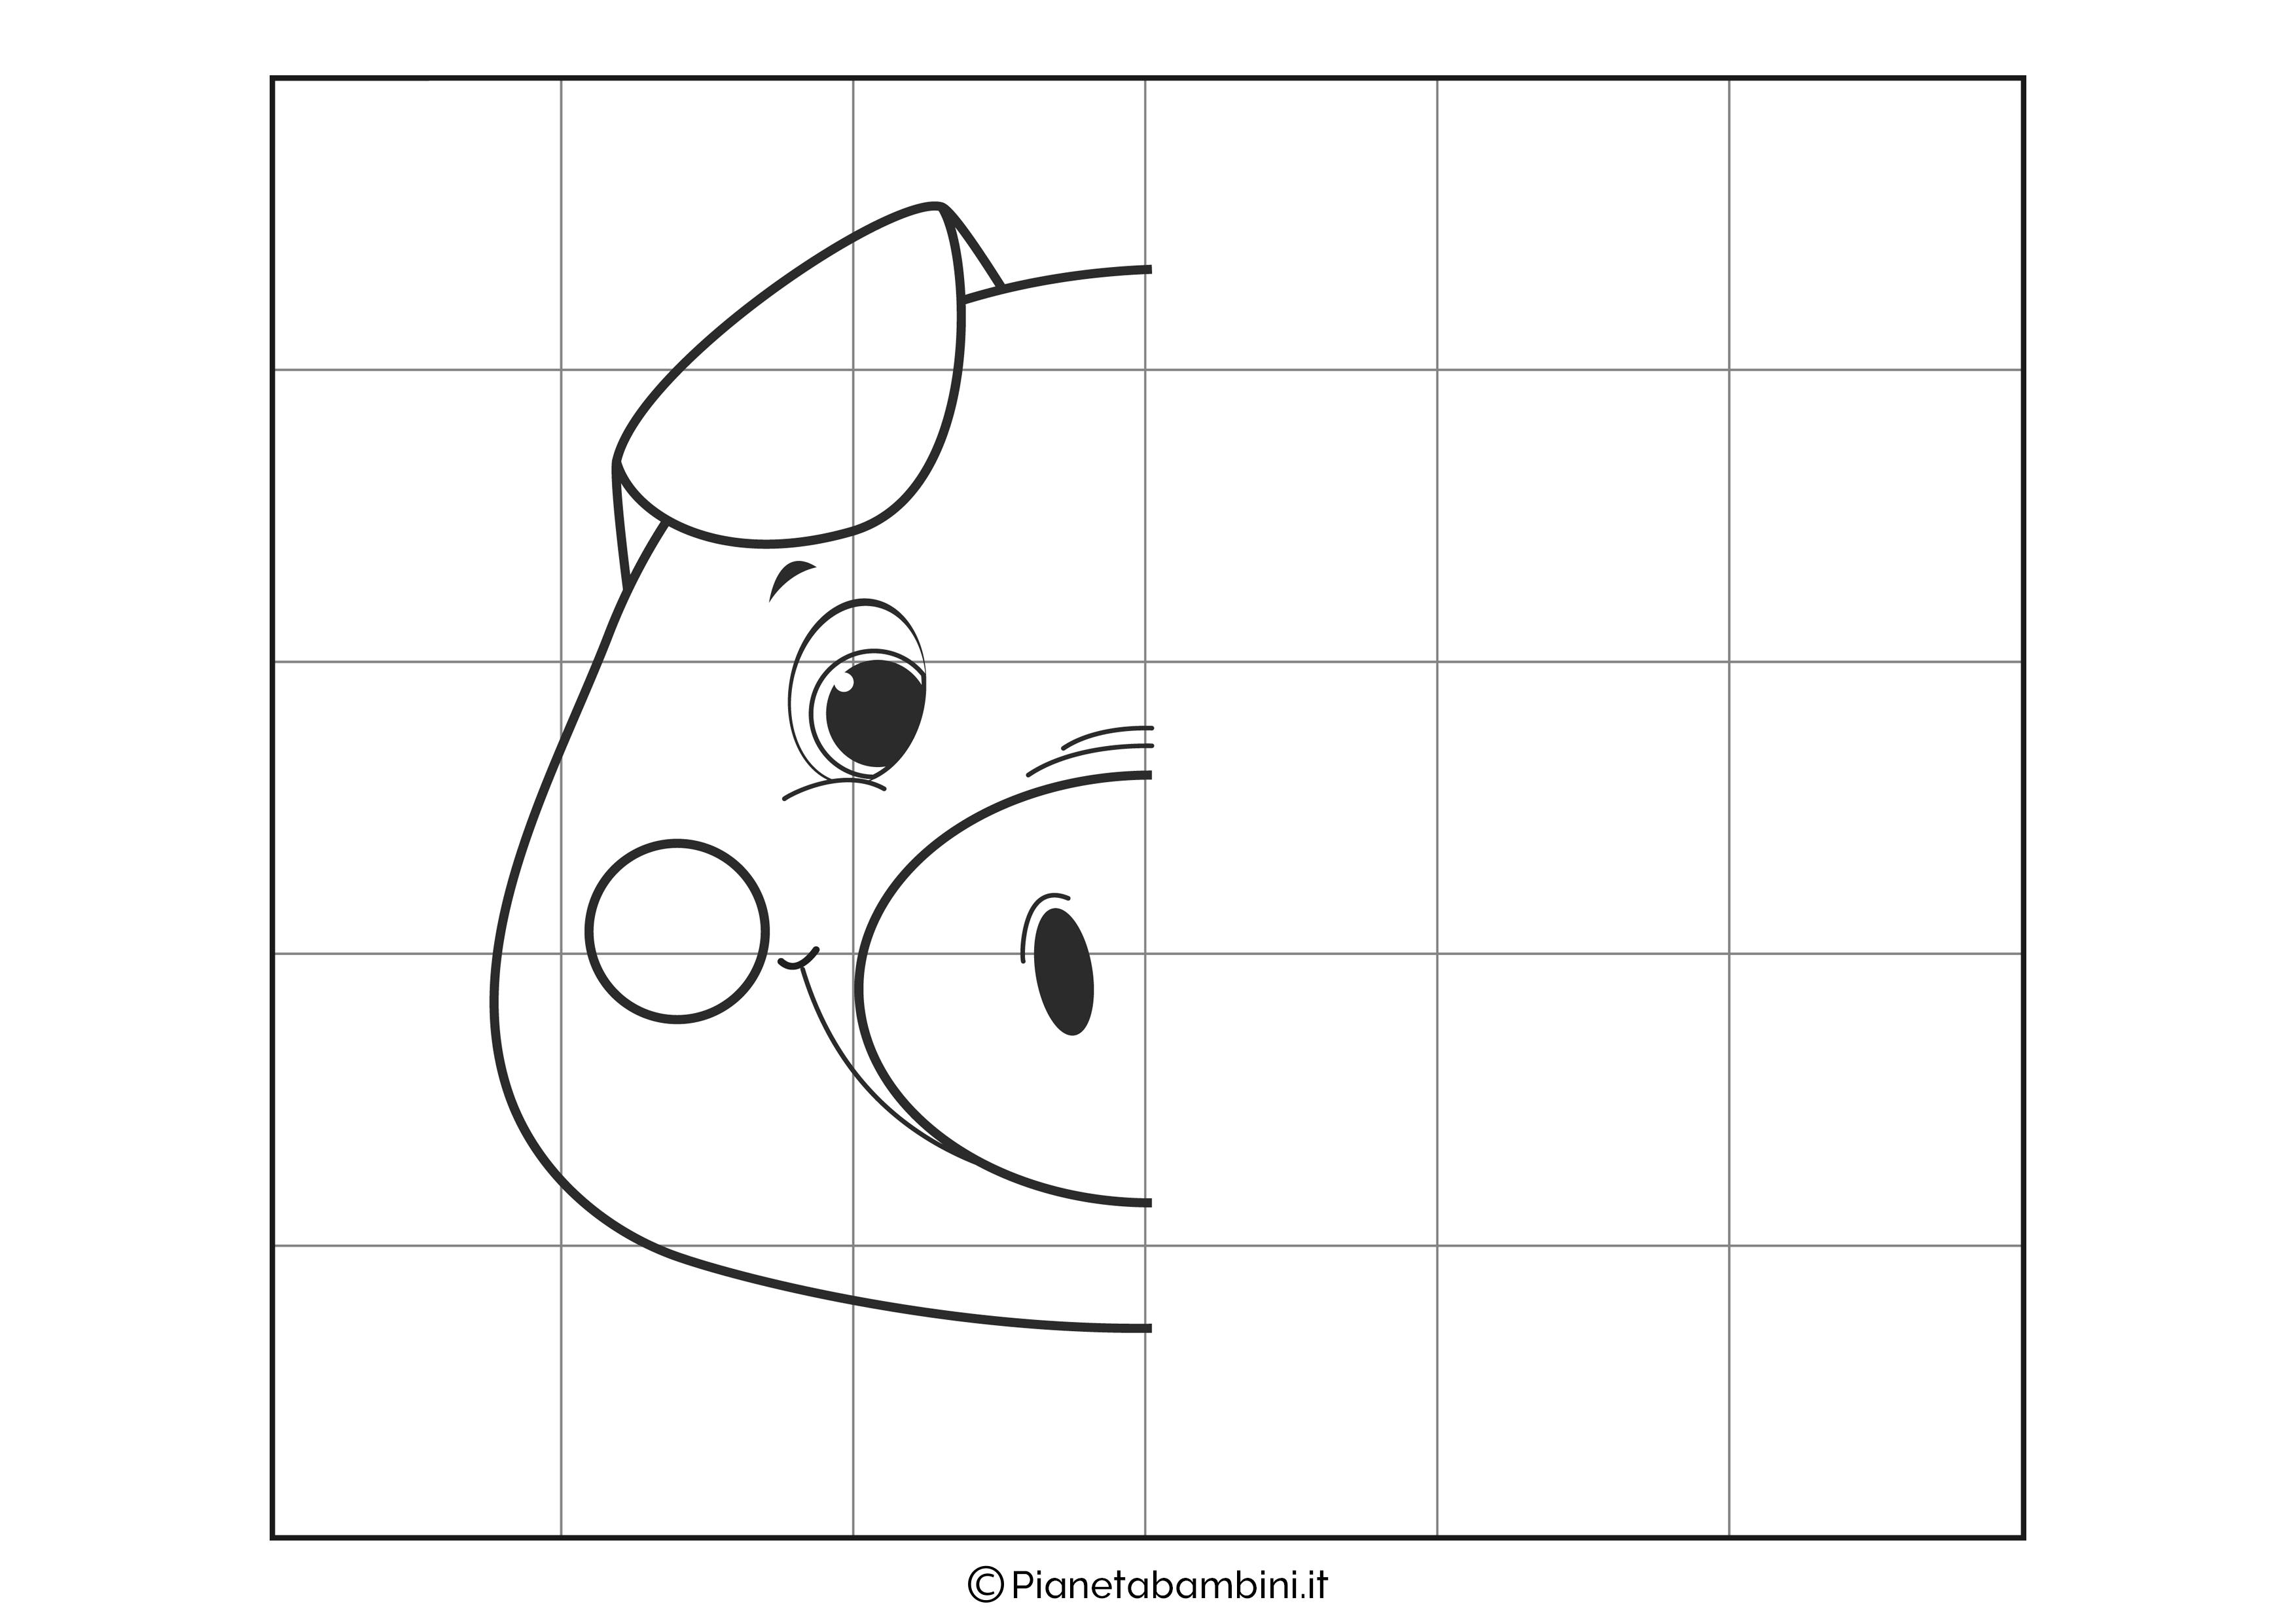 Disegno simmetrico sul maiale da completare